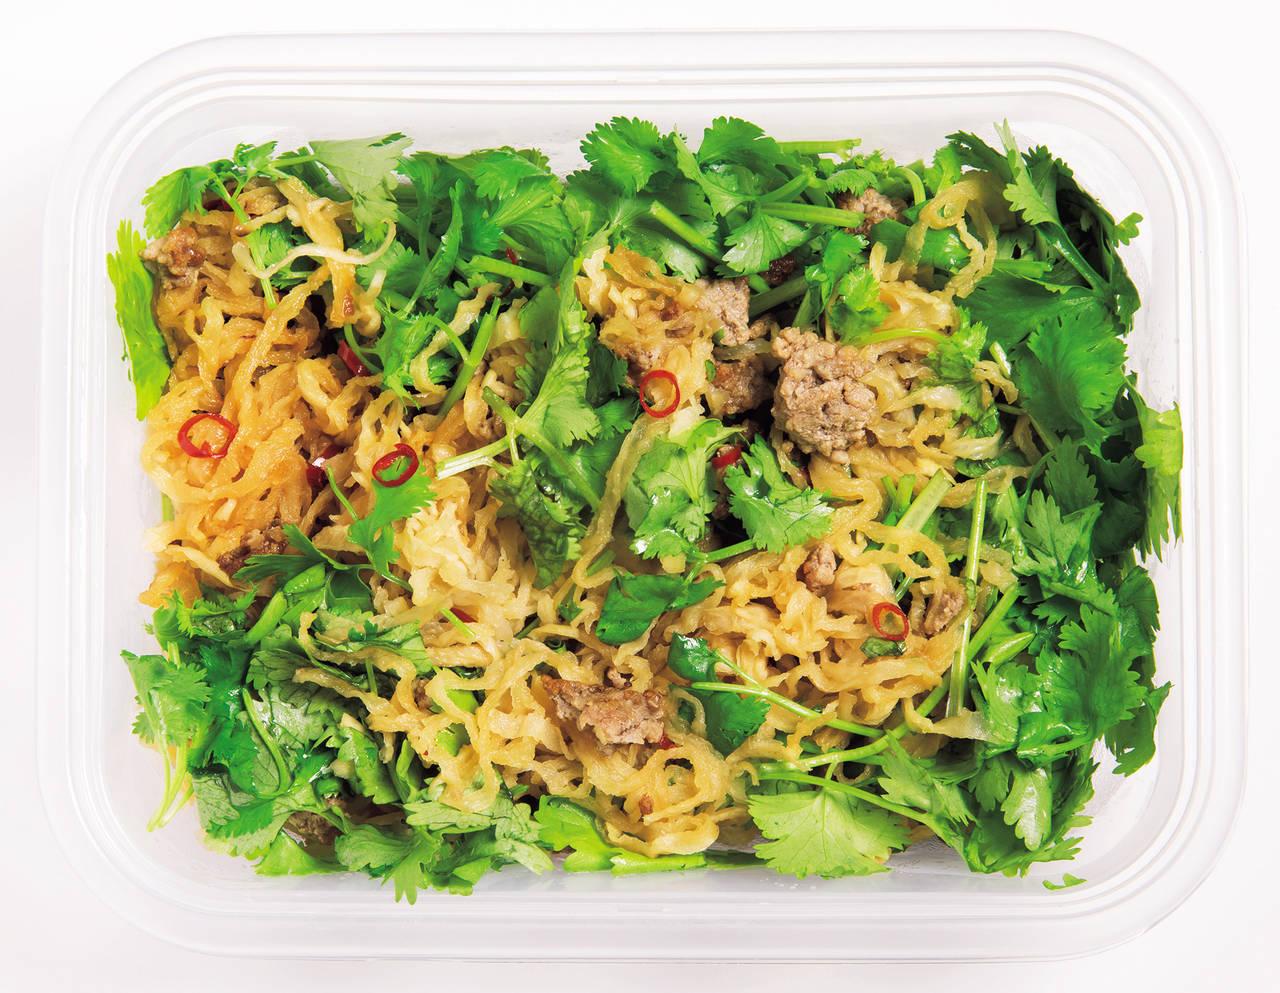 【白色蔬果】清一色白食譜!日本超人氣「紫蘇涼拌蘿蔔絲」和「泰式涼拌蘿蔔絲」